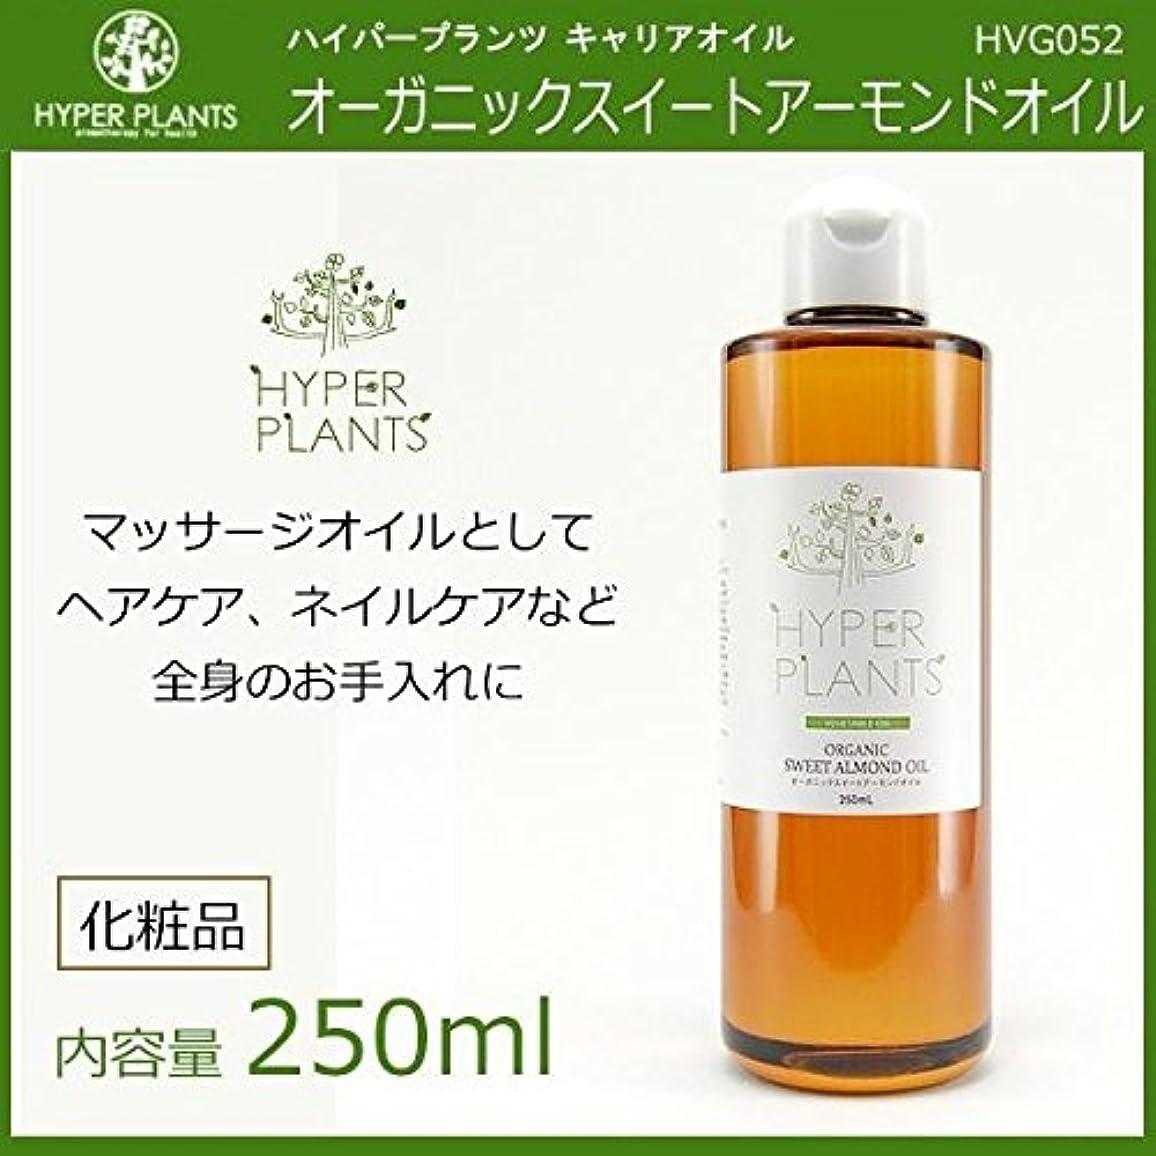 雲被害者回答HYPER PLANTS ハイパープランツ キャリアオイル オーガニックスイートアーモンドオイル 250ml HVG052